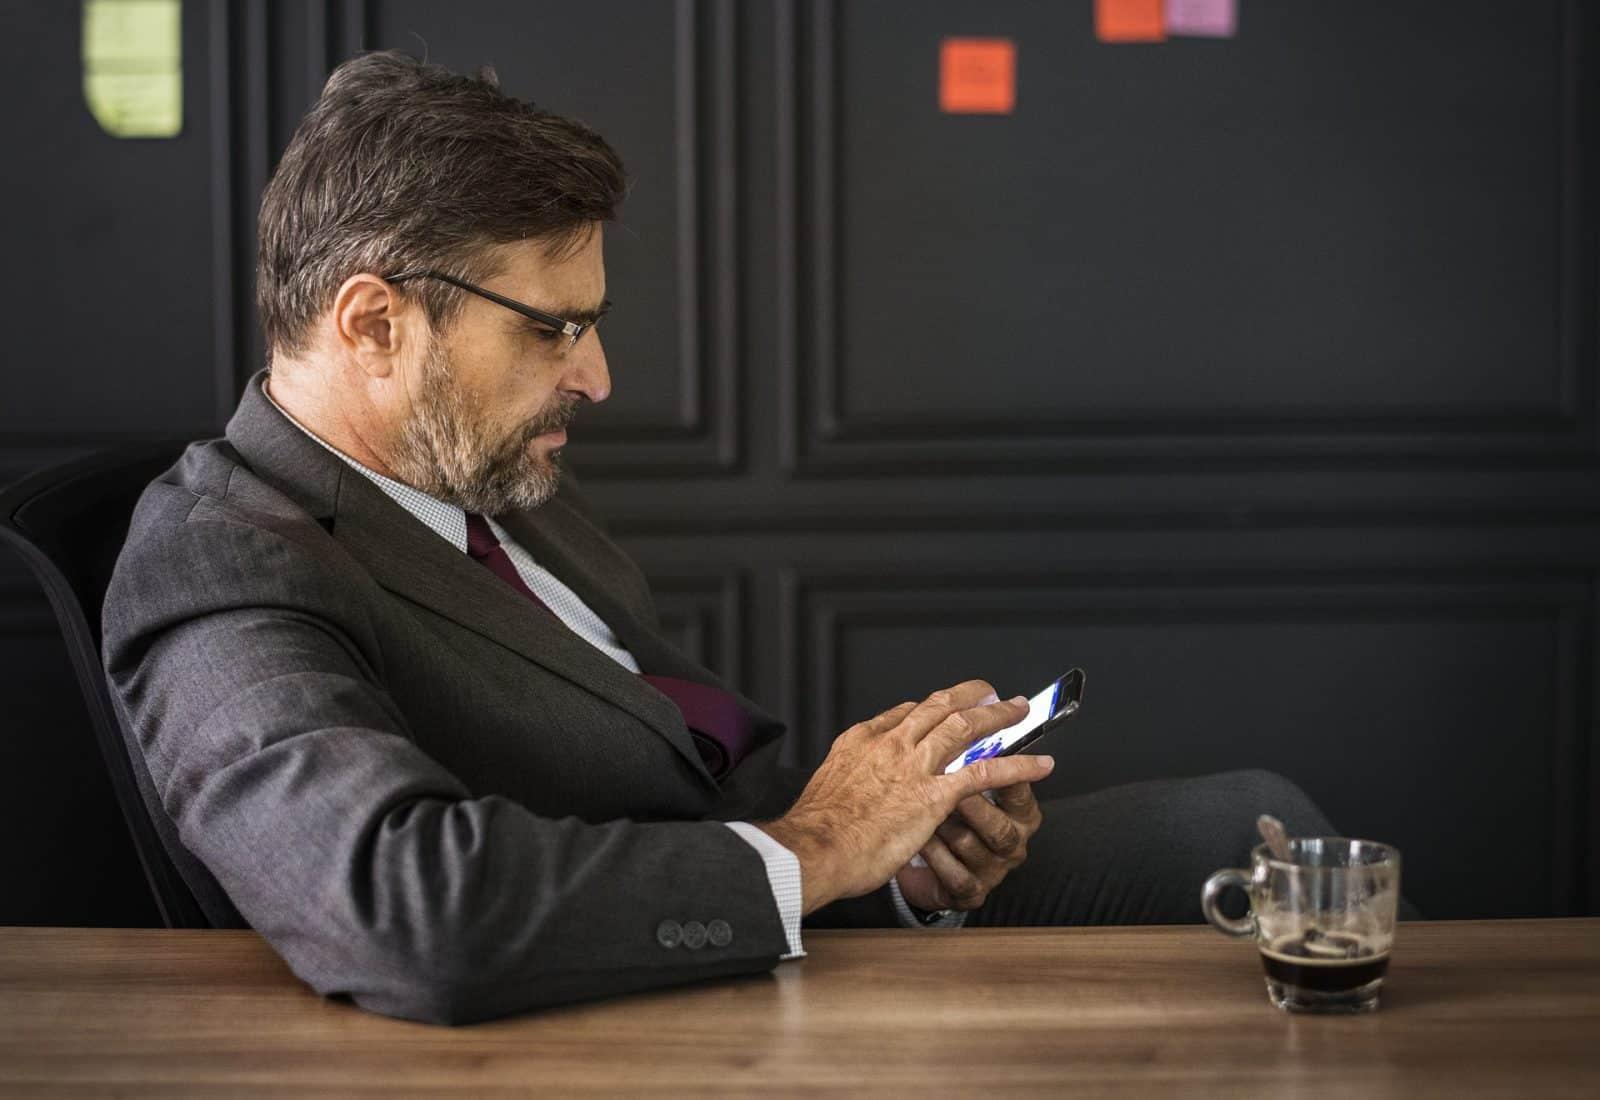 Devenir manager ne fait plus (toujours) rêver : quelles sont les alternatives ?